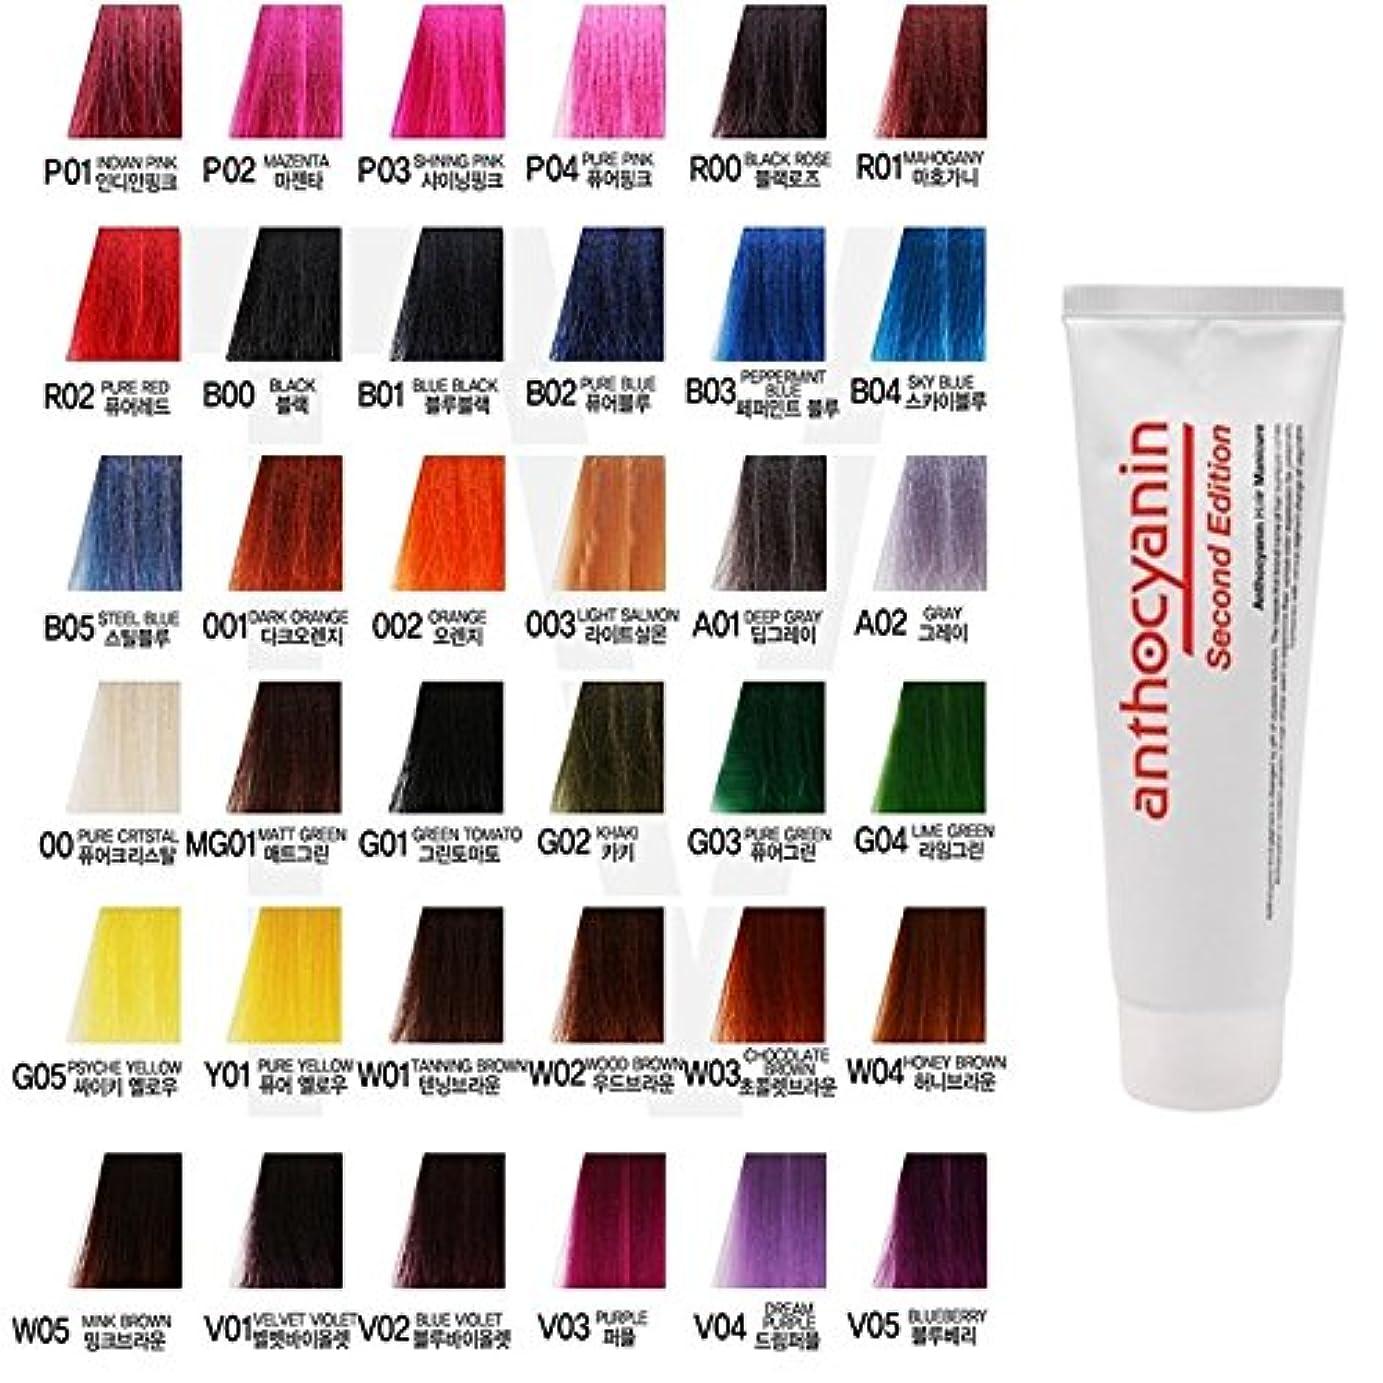 不器用素晴らしい万一に備えてヘア マニキュア カラー セカンド エディション 230g セミ パーマネント 染毛剤 ( Hair Manicure Color Second Edition 230g Semi Permanent Hair Dye) [並行輸入品] (WA03 Mud Brown)